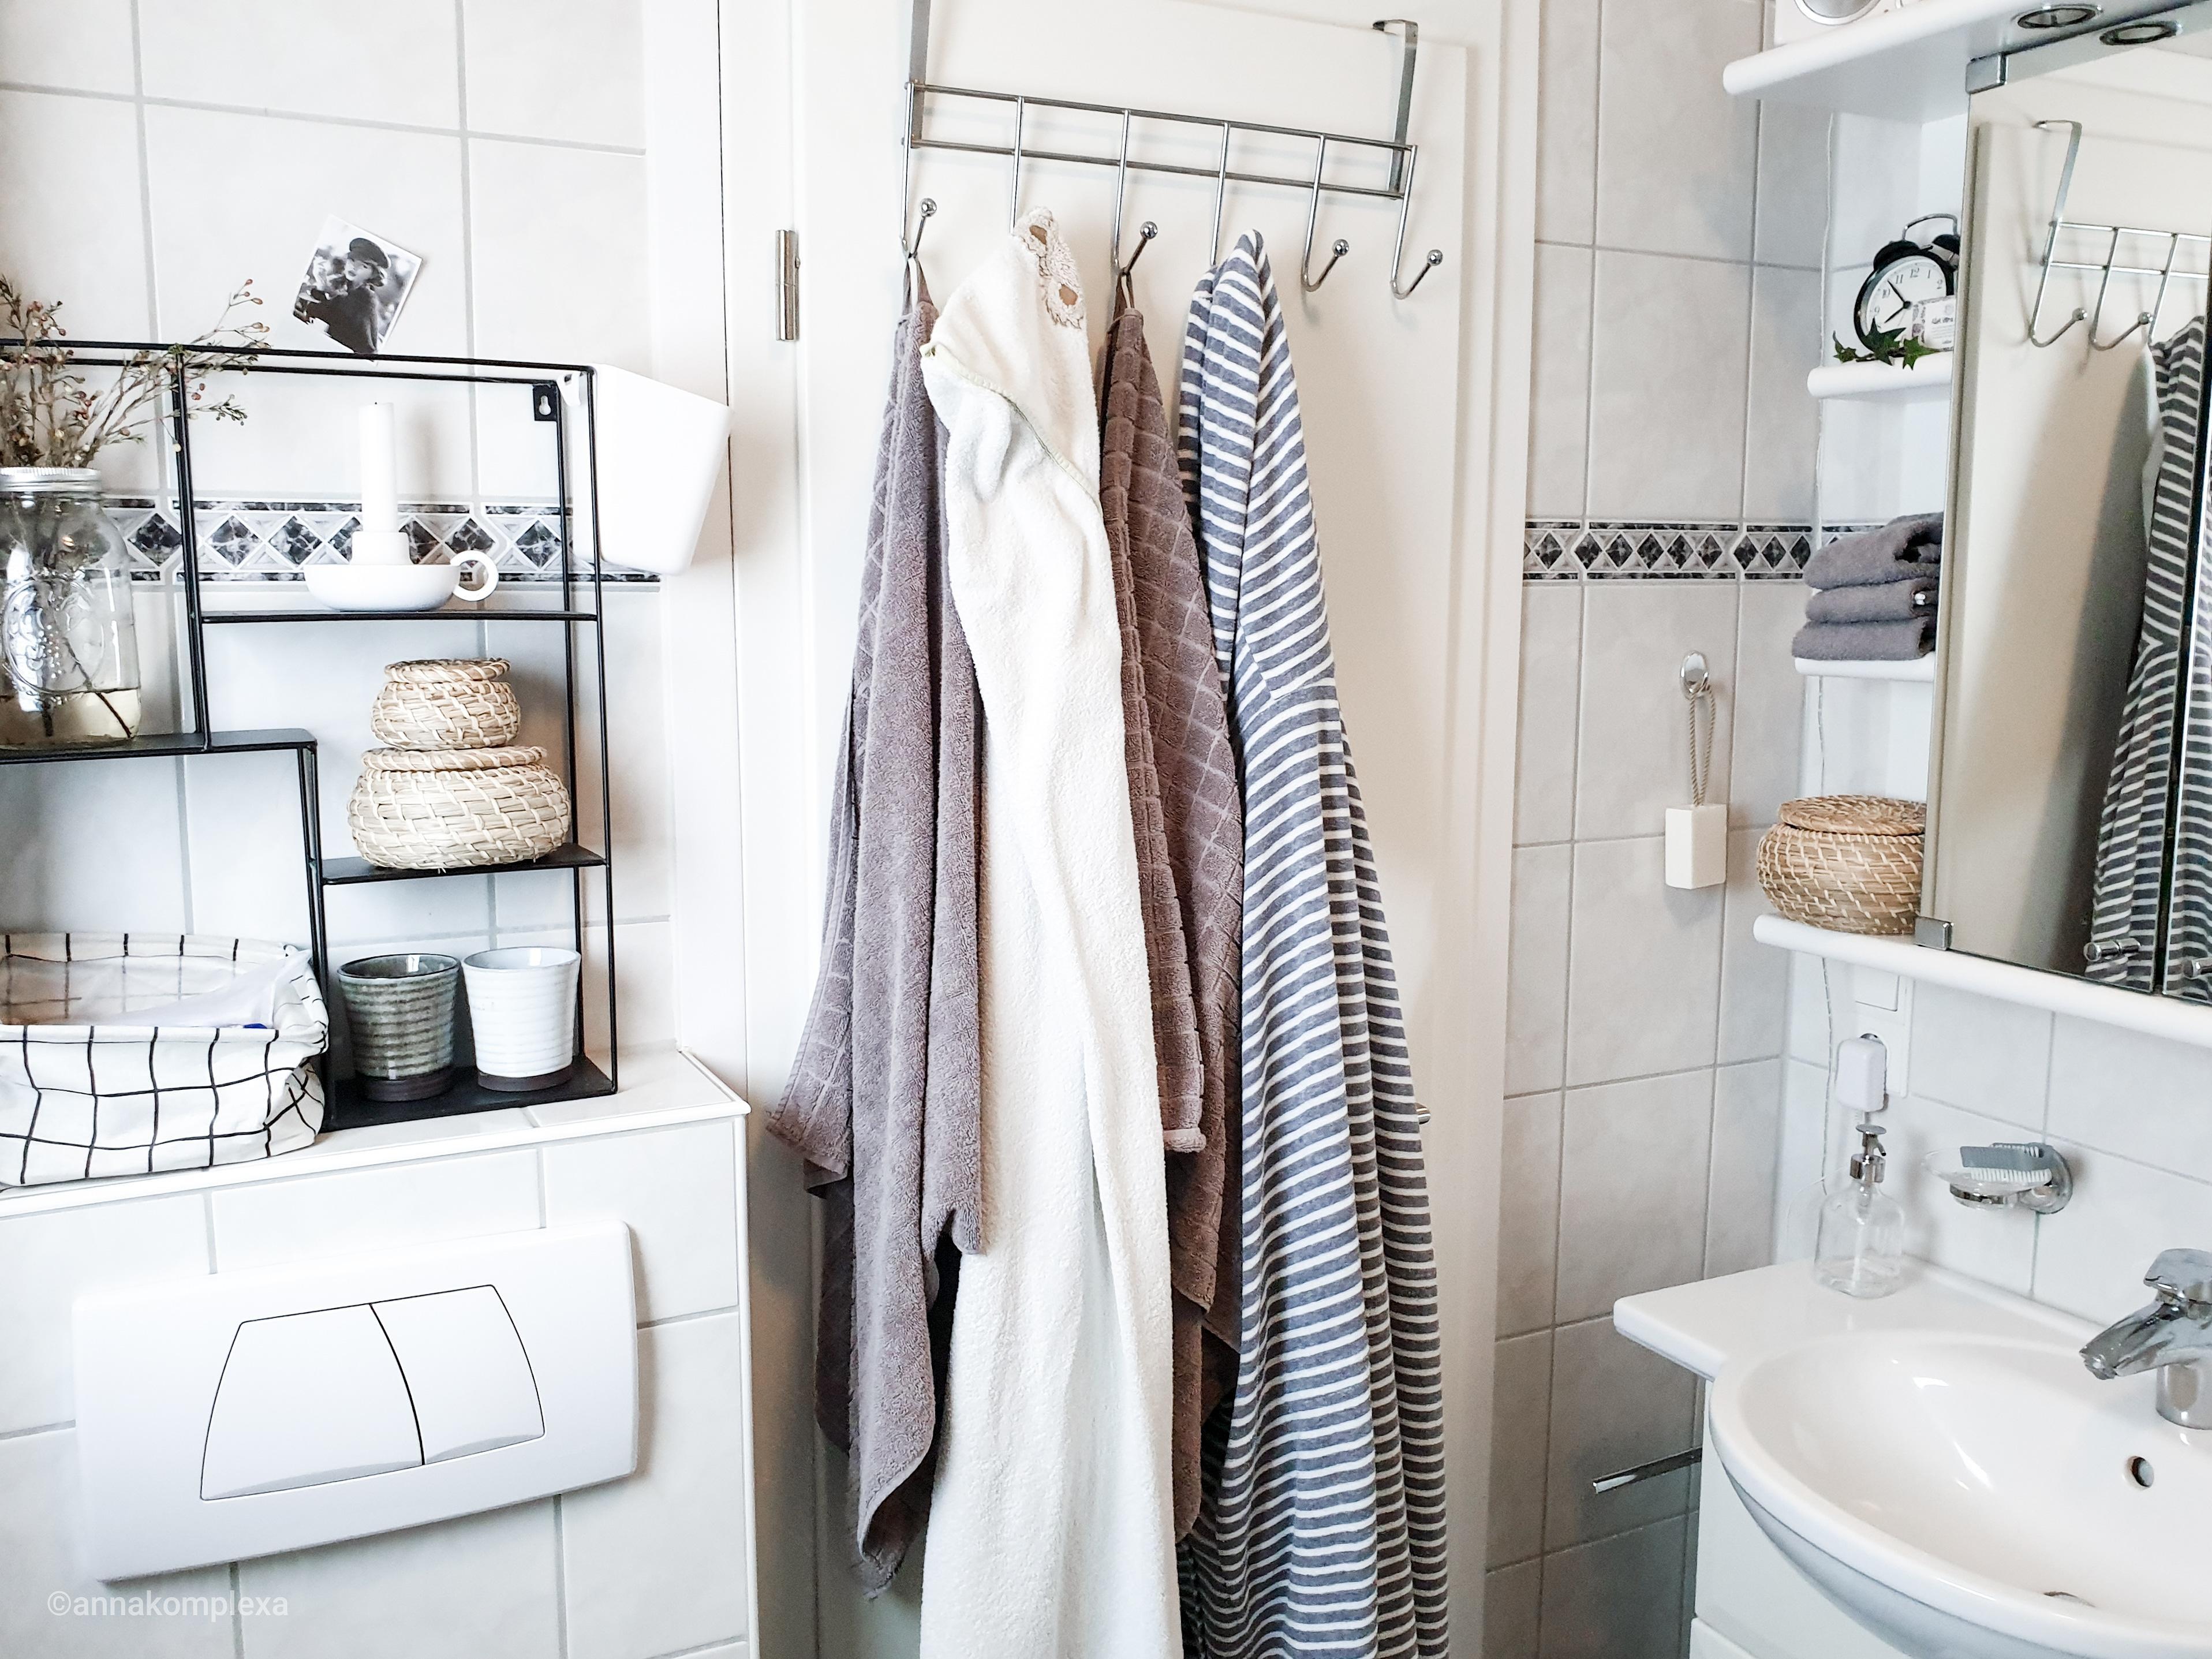 Badezimmer minibad badezimmer kleinaberfein bad ...